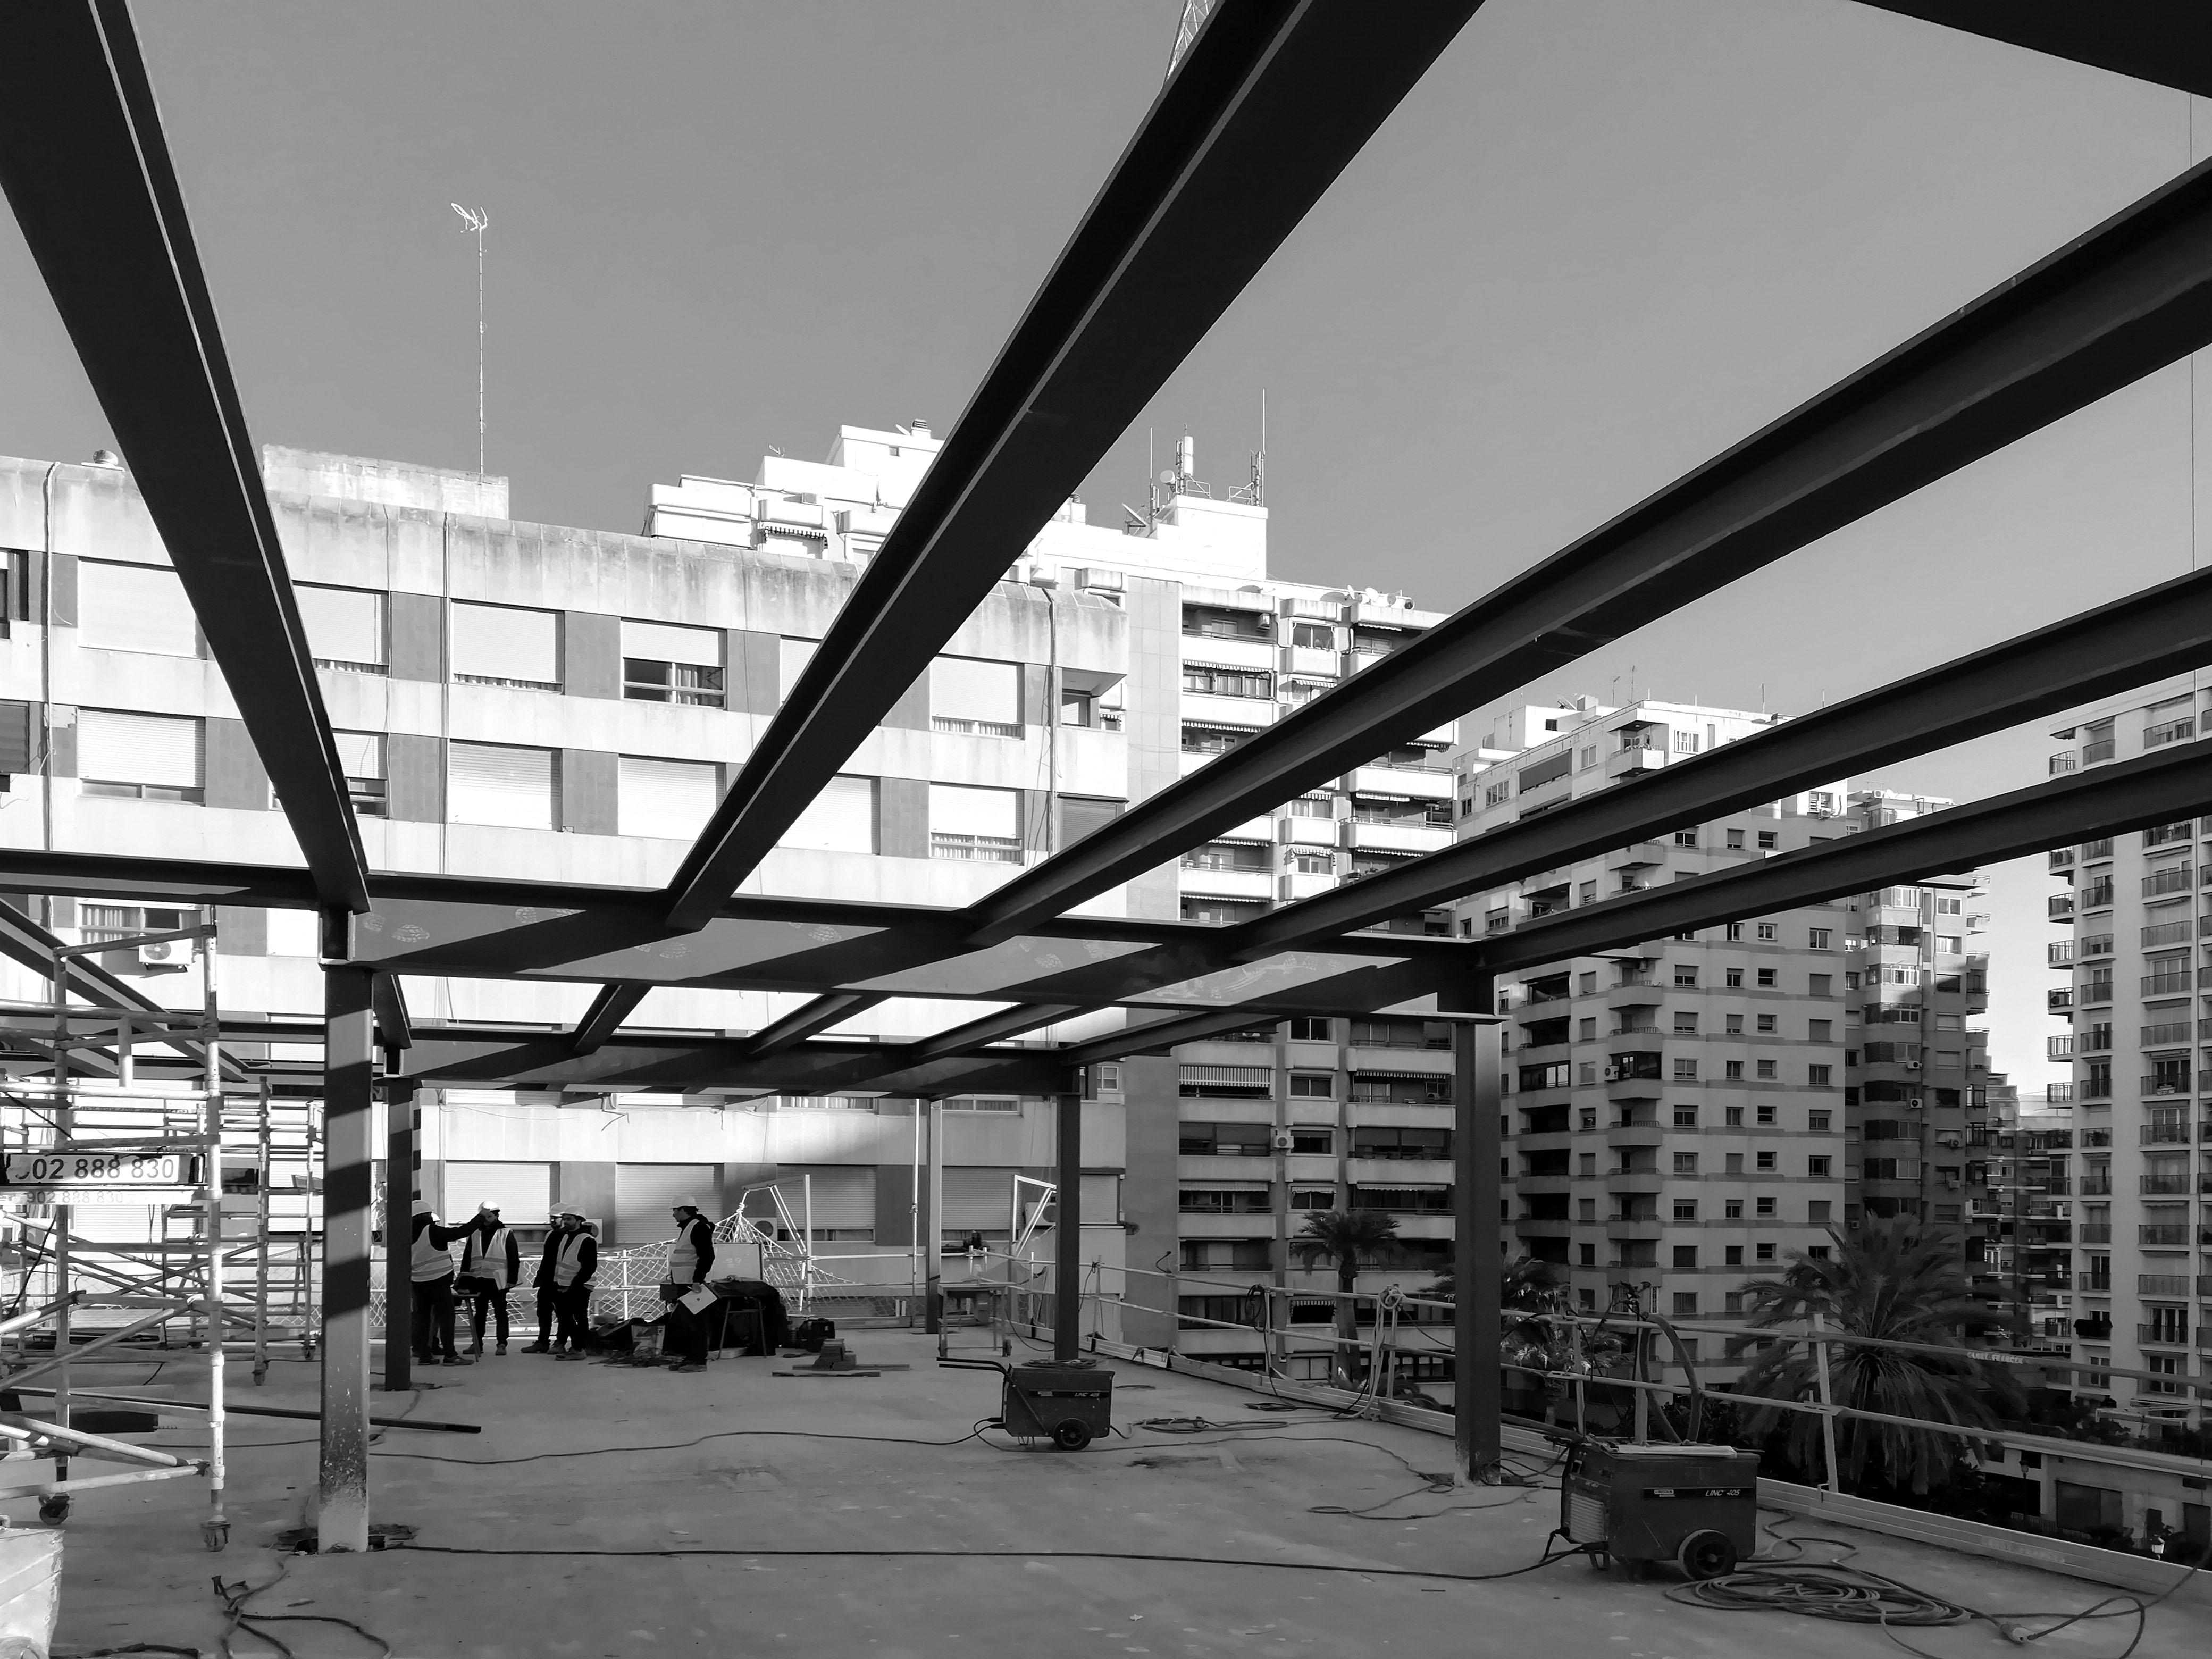 Ampliación-Colegio-Alemán-Valencia-Orts-Trullenque